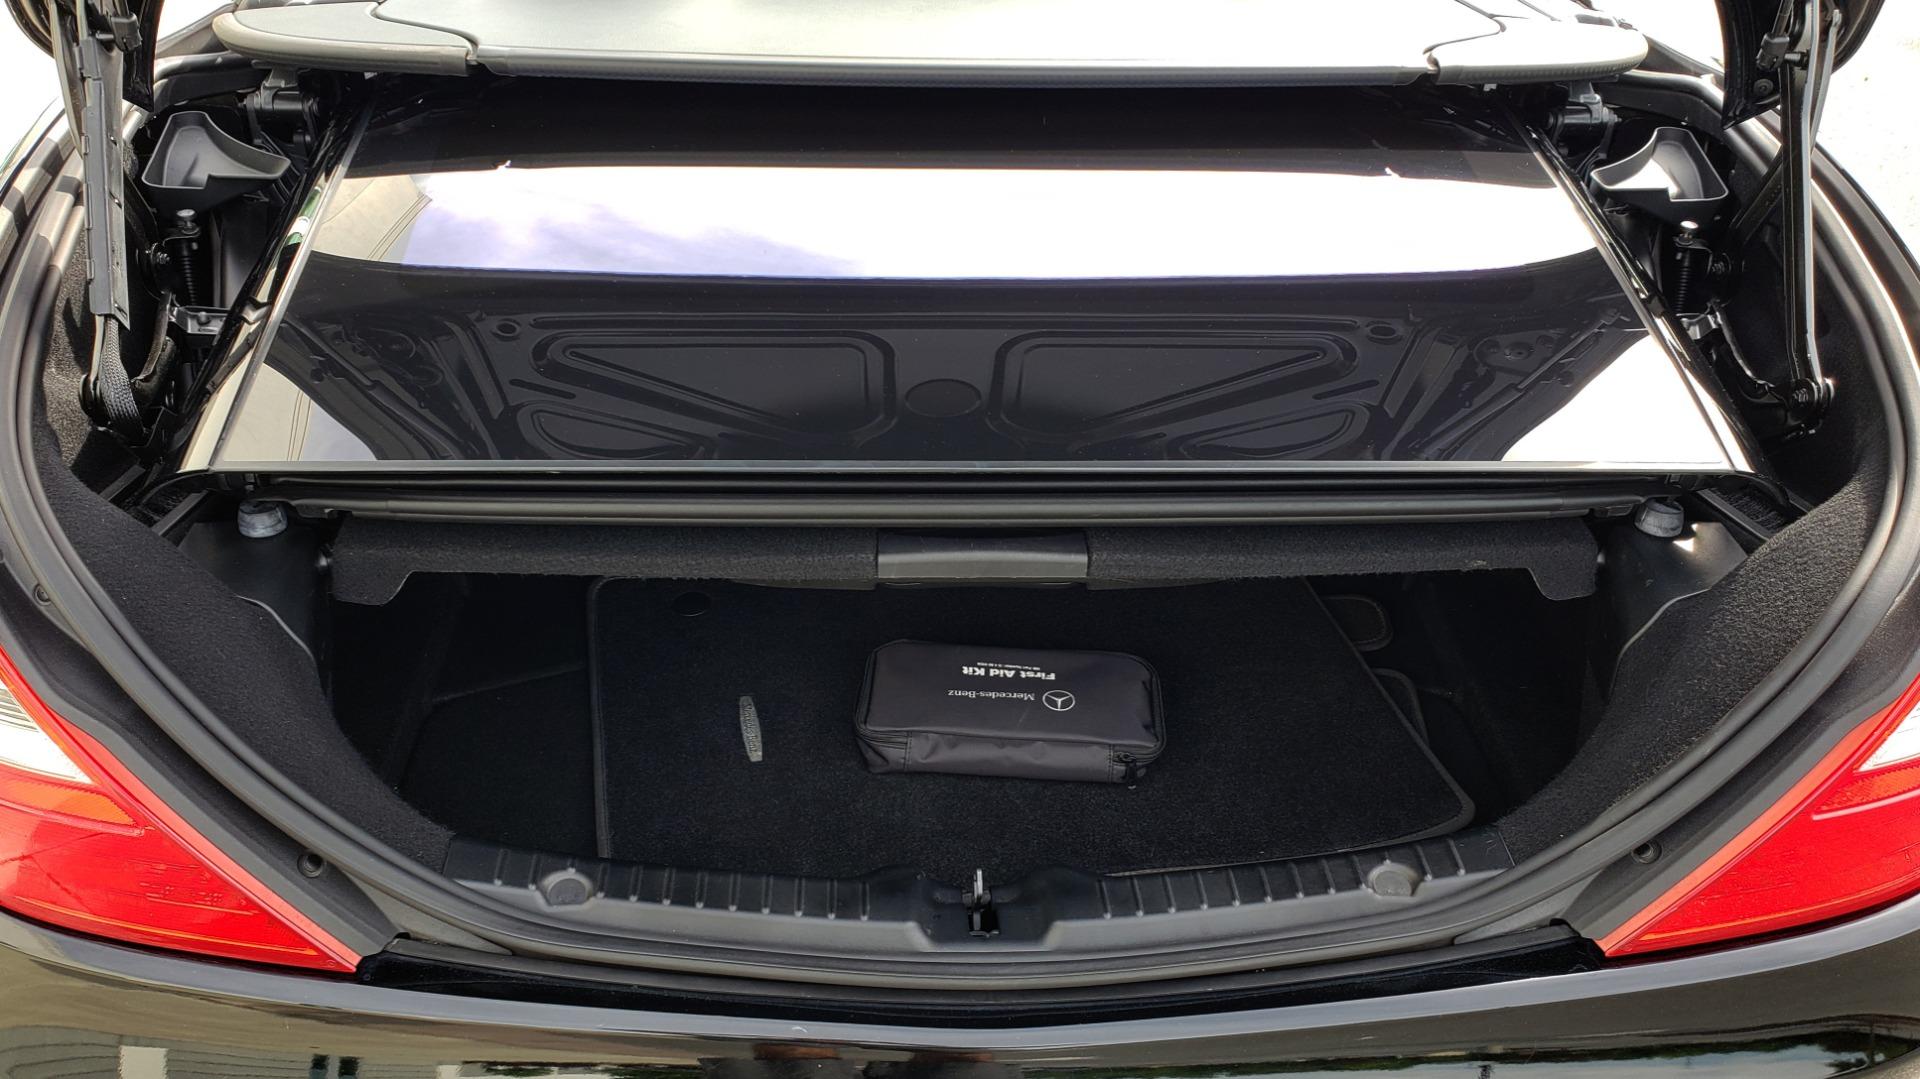 Used 2012 Mercedes-Benz SLK-CLASS SLK 250 ROADSTER / PREM 1 PKG / COMAND LAUNCH PKG / 7-SPD AUTO for sale $24,995 at Formula Imports in Charlotte NC 28227 36